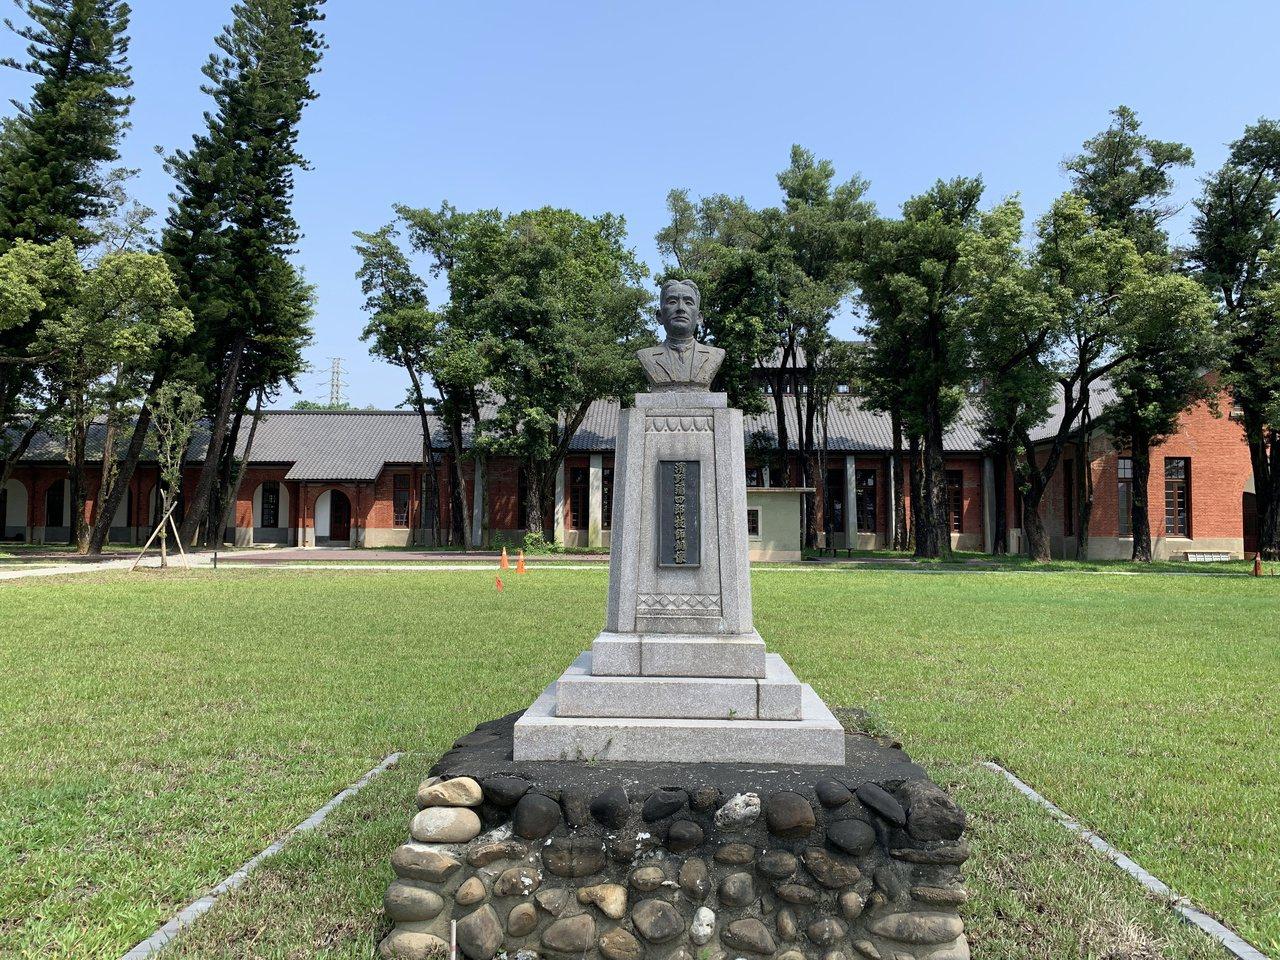 台南山上花園水道博物館整修完成,有台灣水道之父濱野彌四郎雕像。記者吳淑玲/攝影